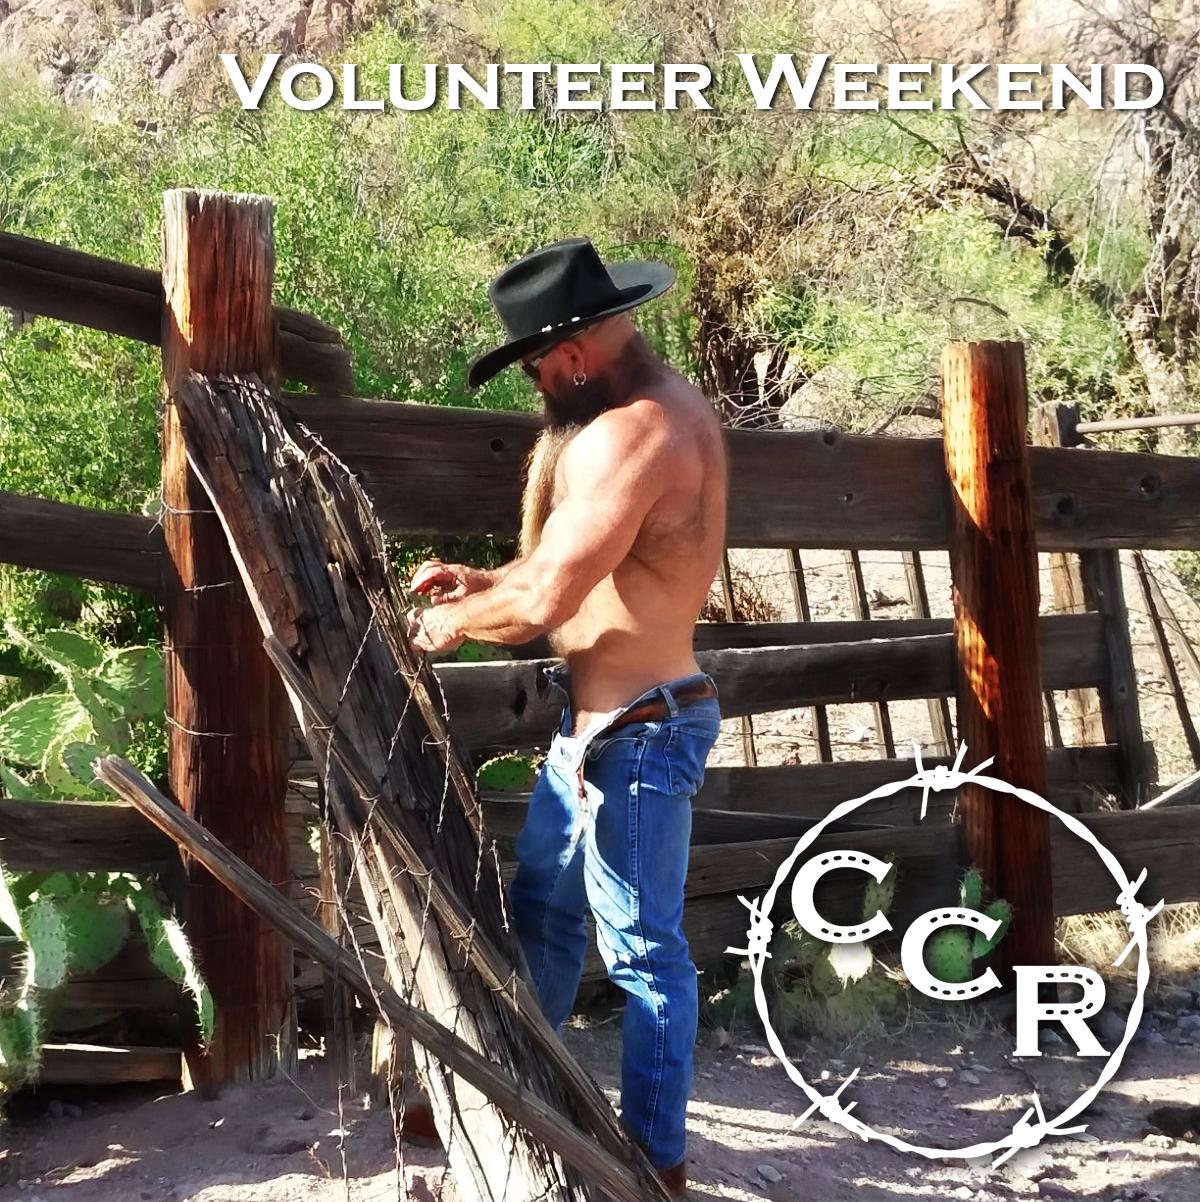 volunteer weekend september 2018.png